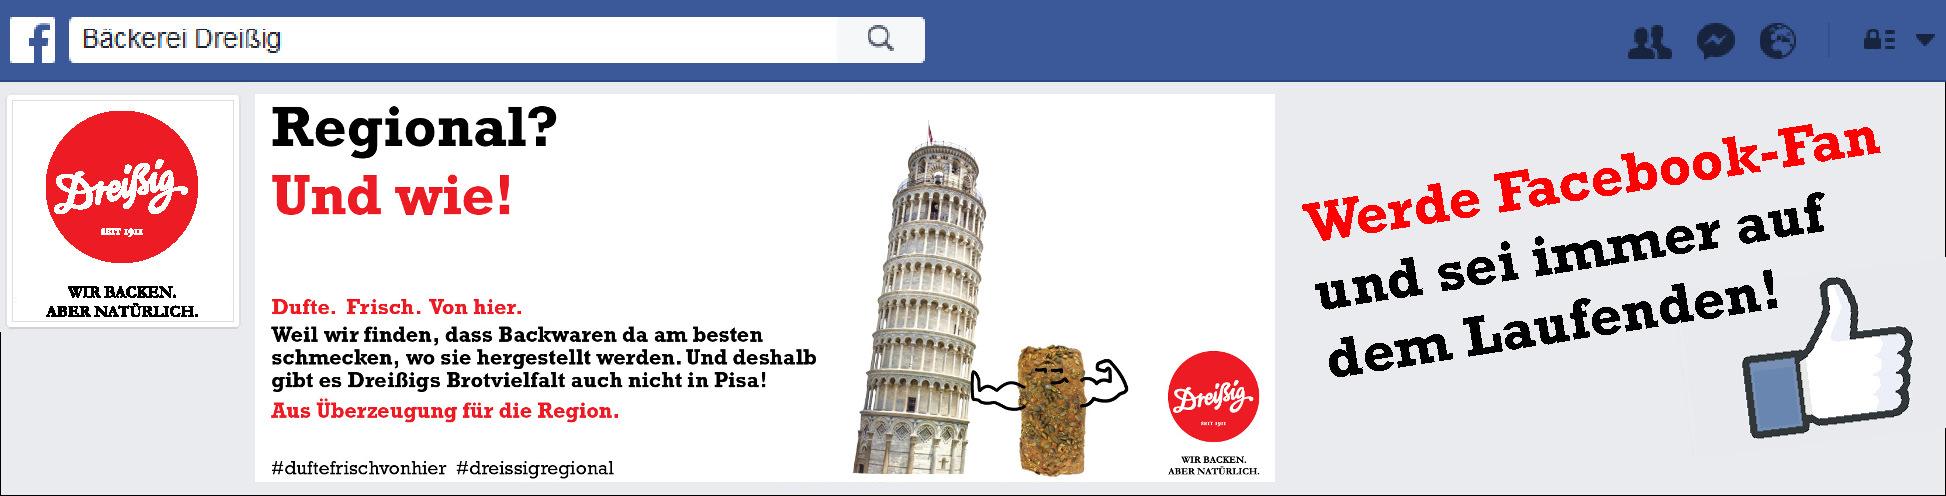 Jetzt Facebook Fan werden!